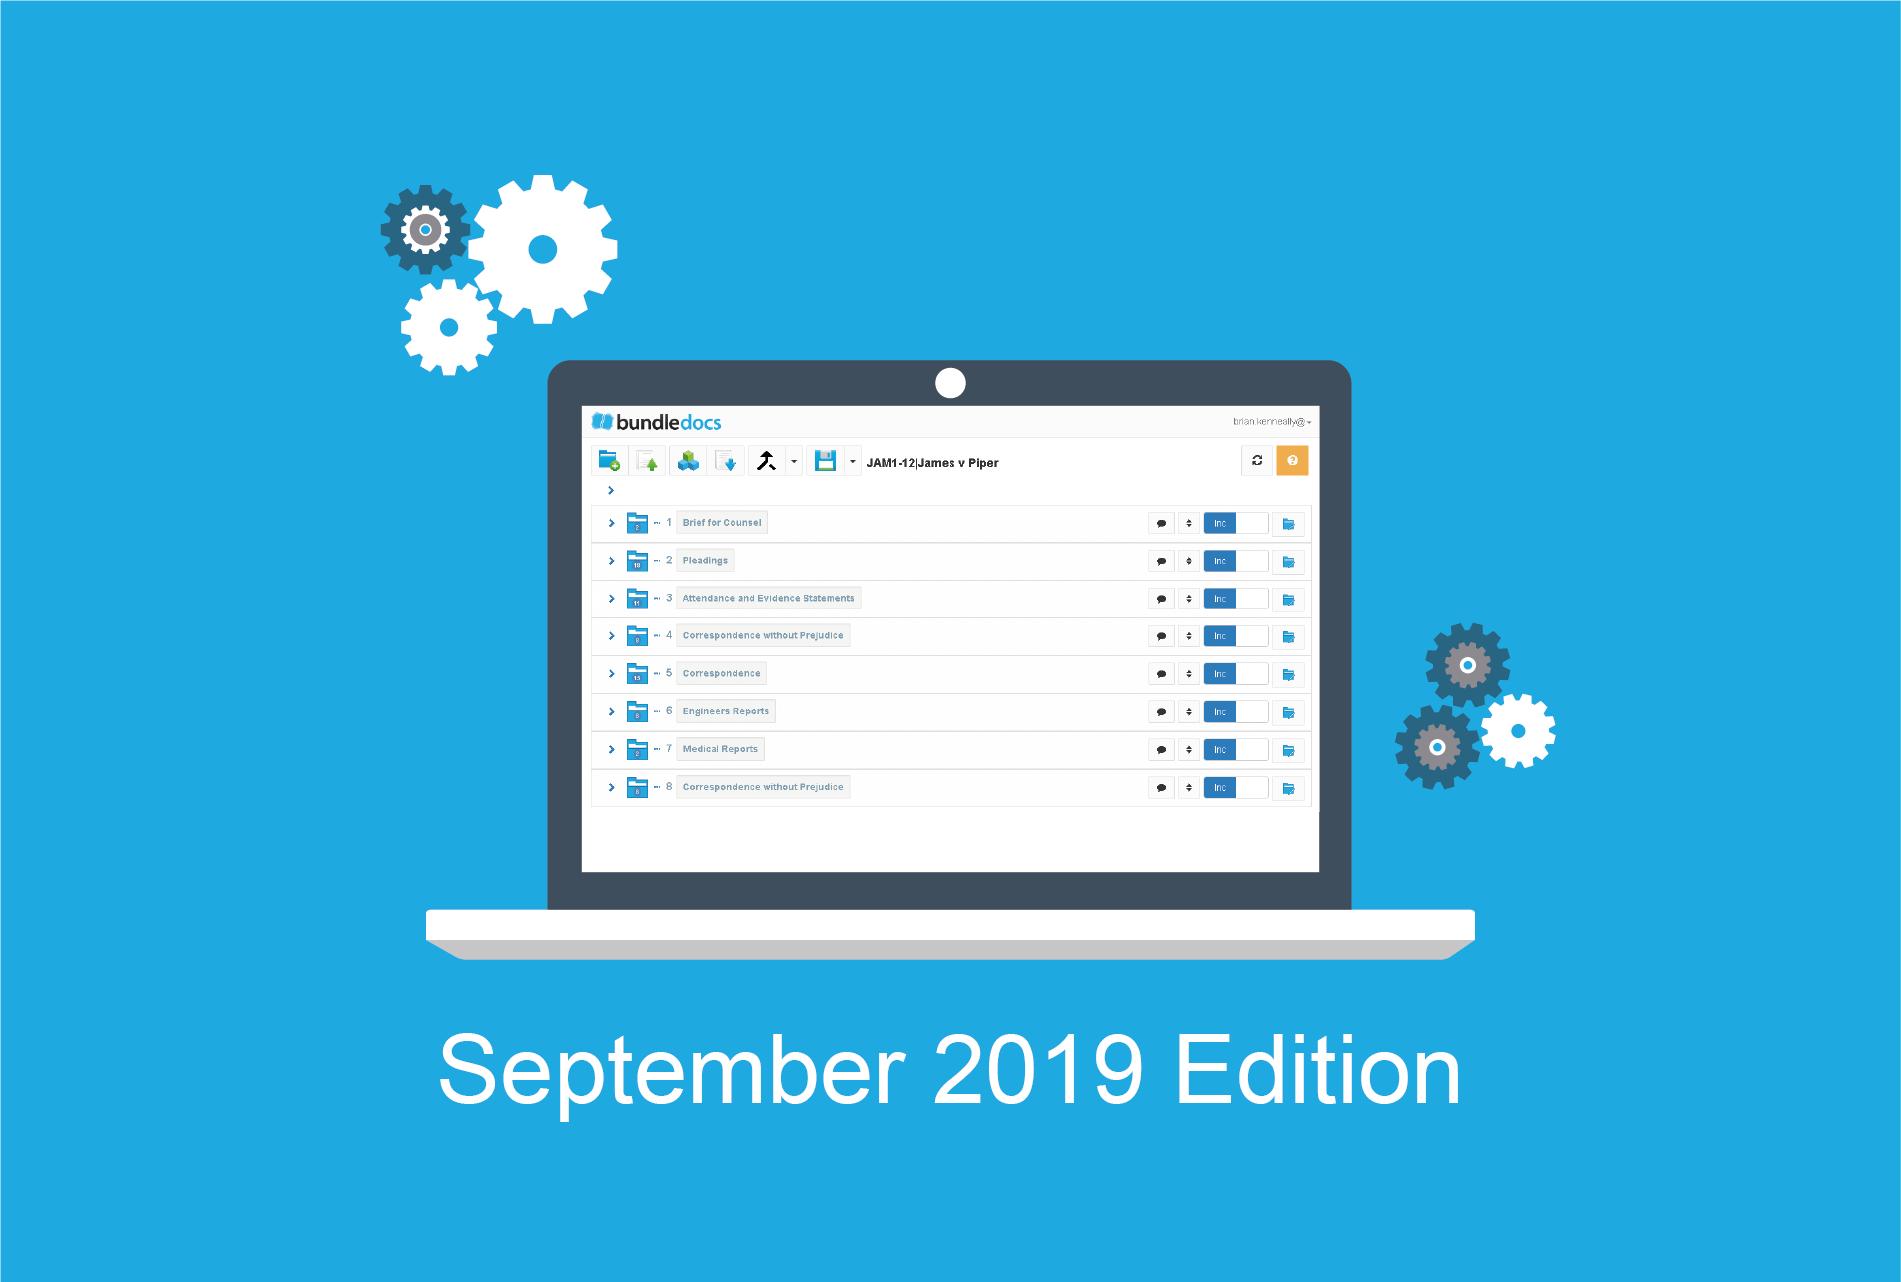 Bundledocs_Development_Feature_Release_2019_September.png